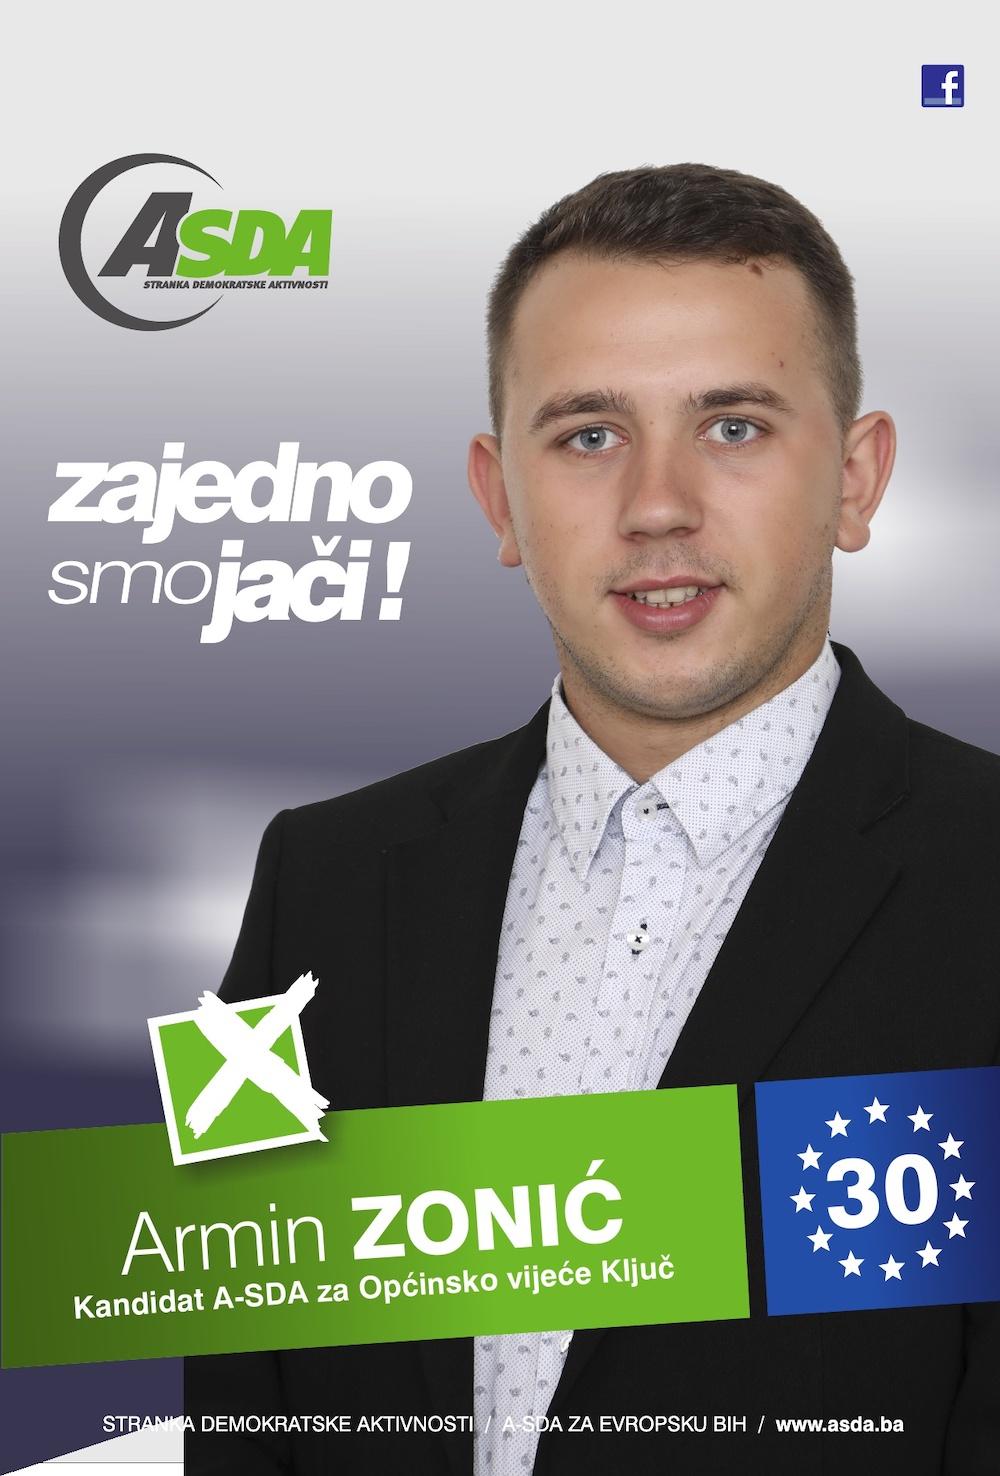 Armin Zonić